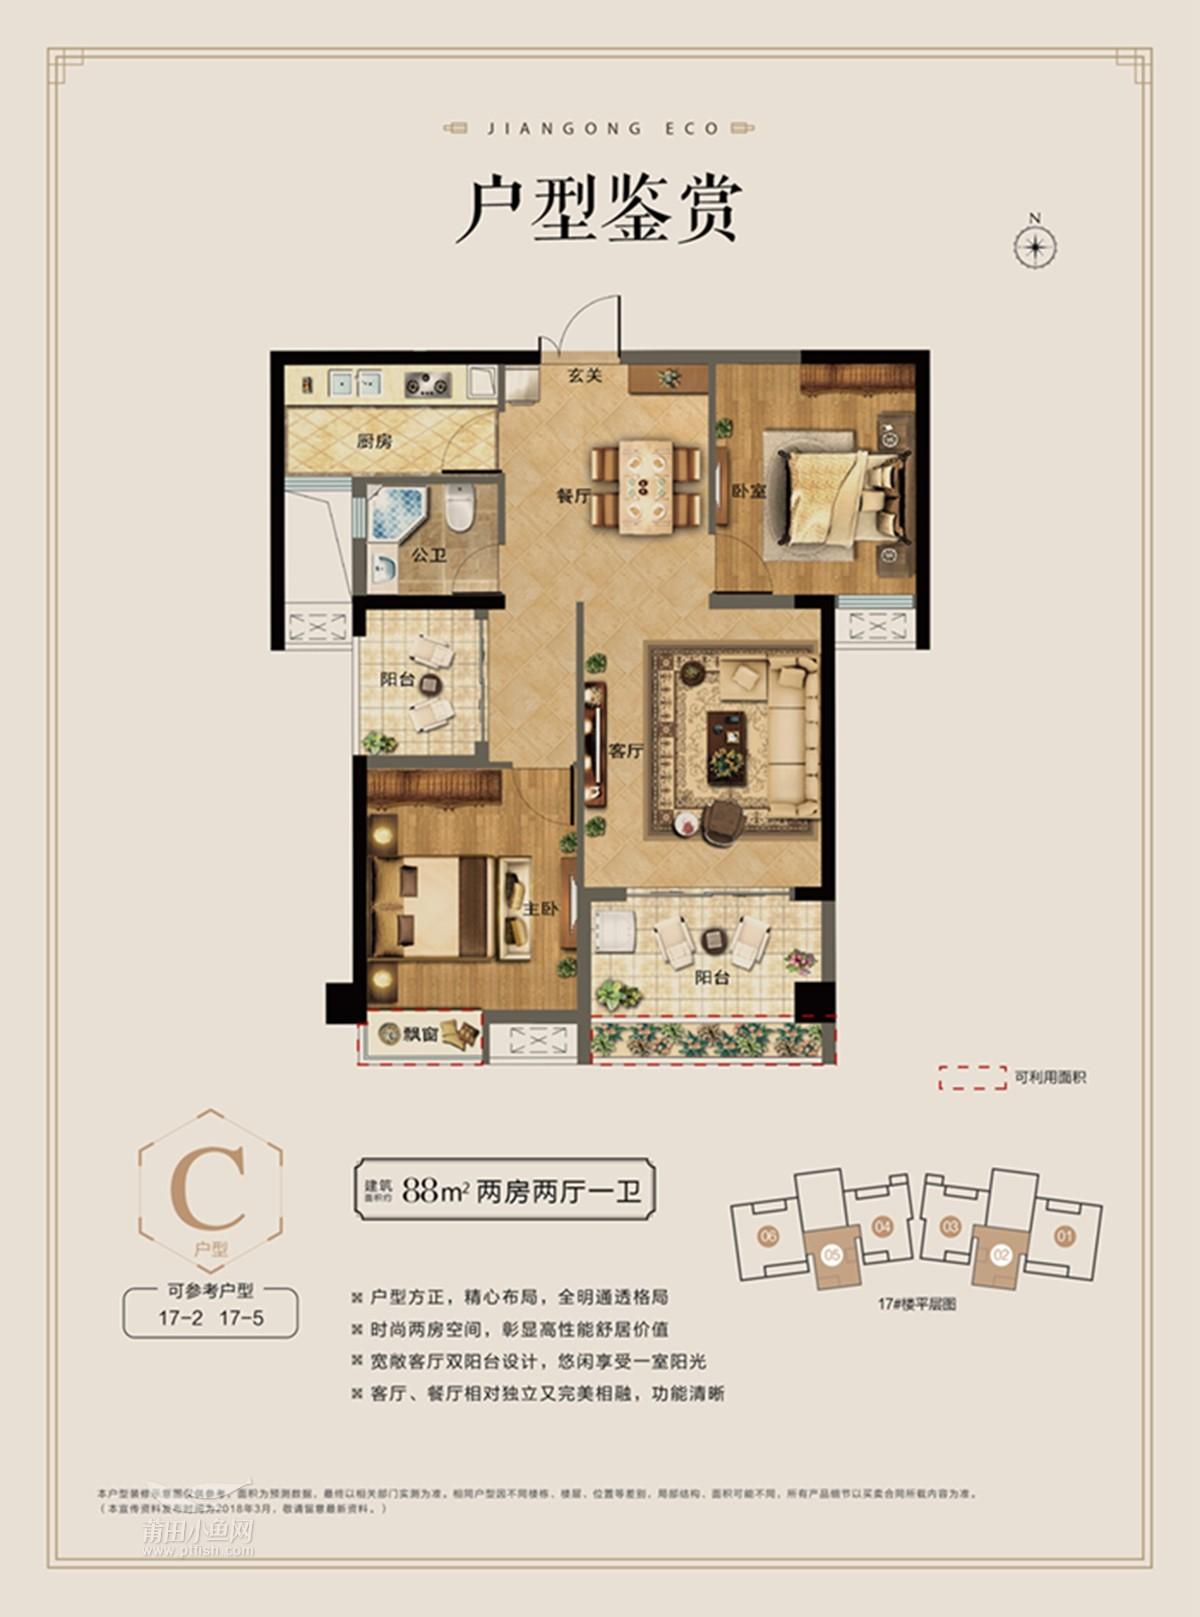 建工·ECO A、F地块   C户型建面约88㎡(2房2厅1卫)